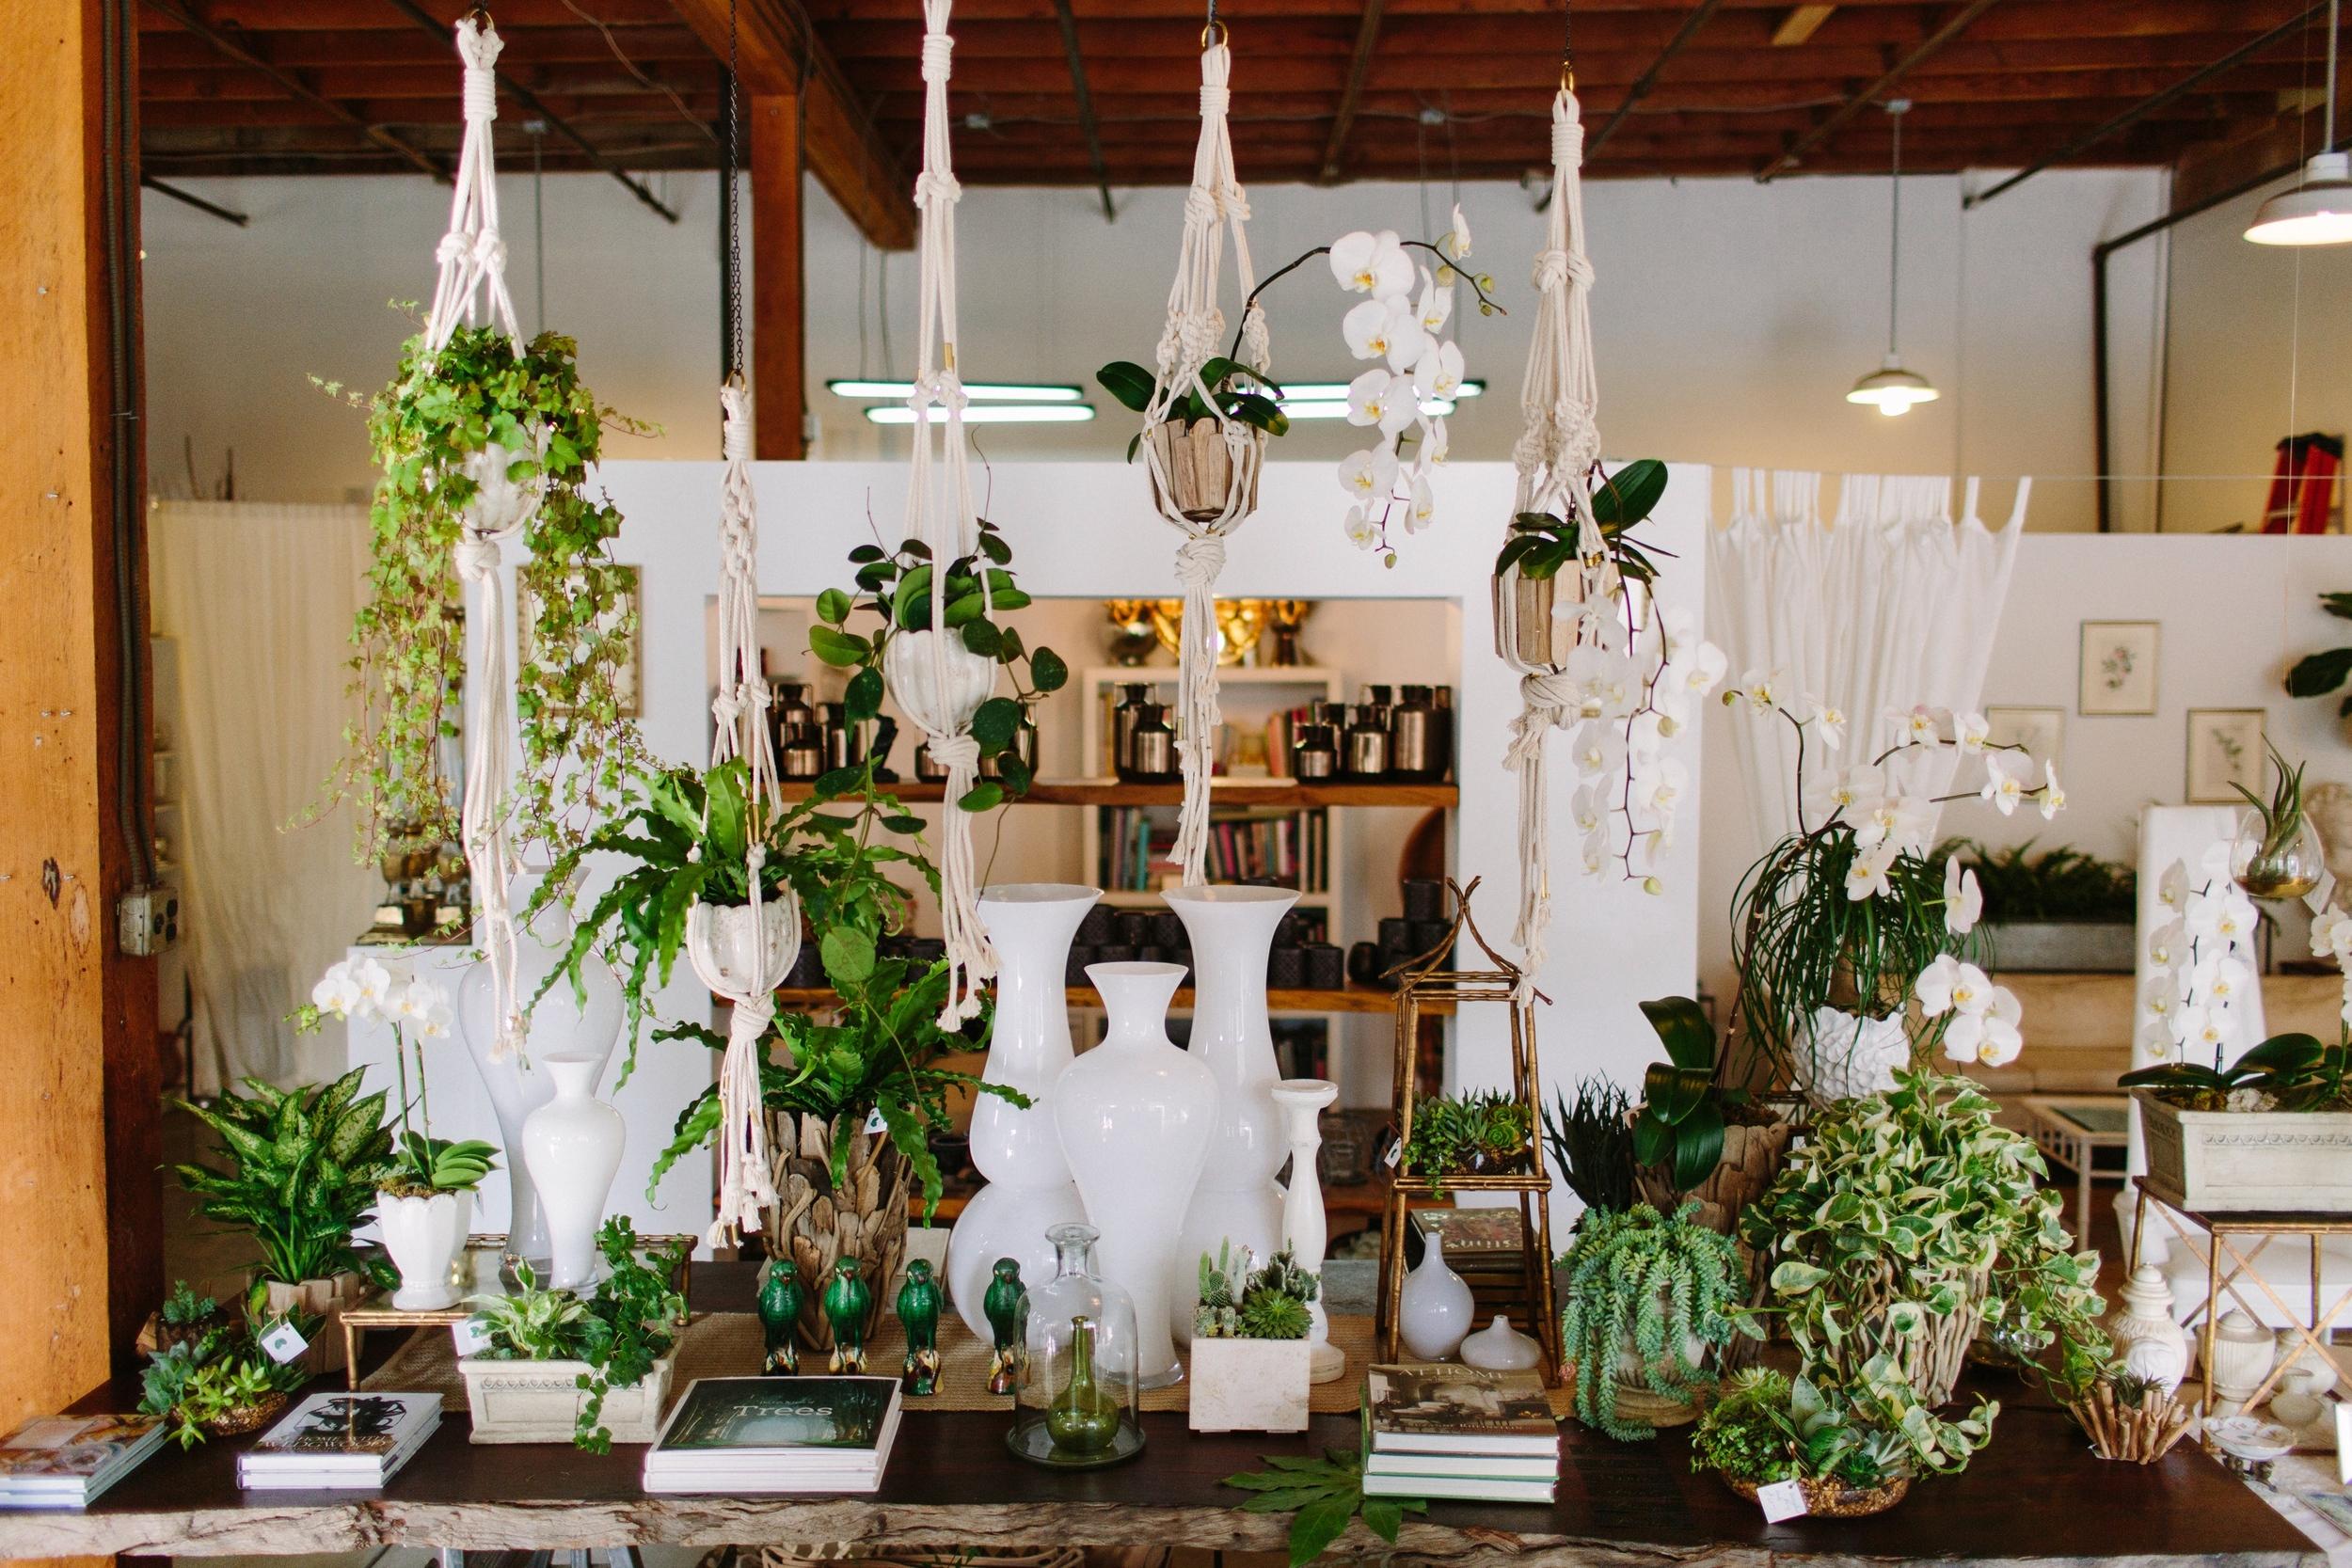 Isari Flower Studio